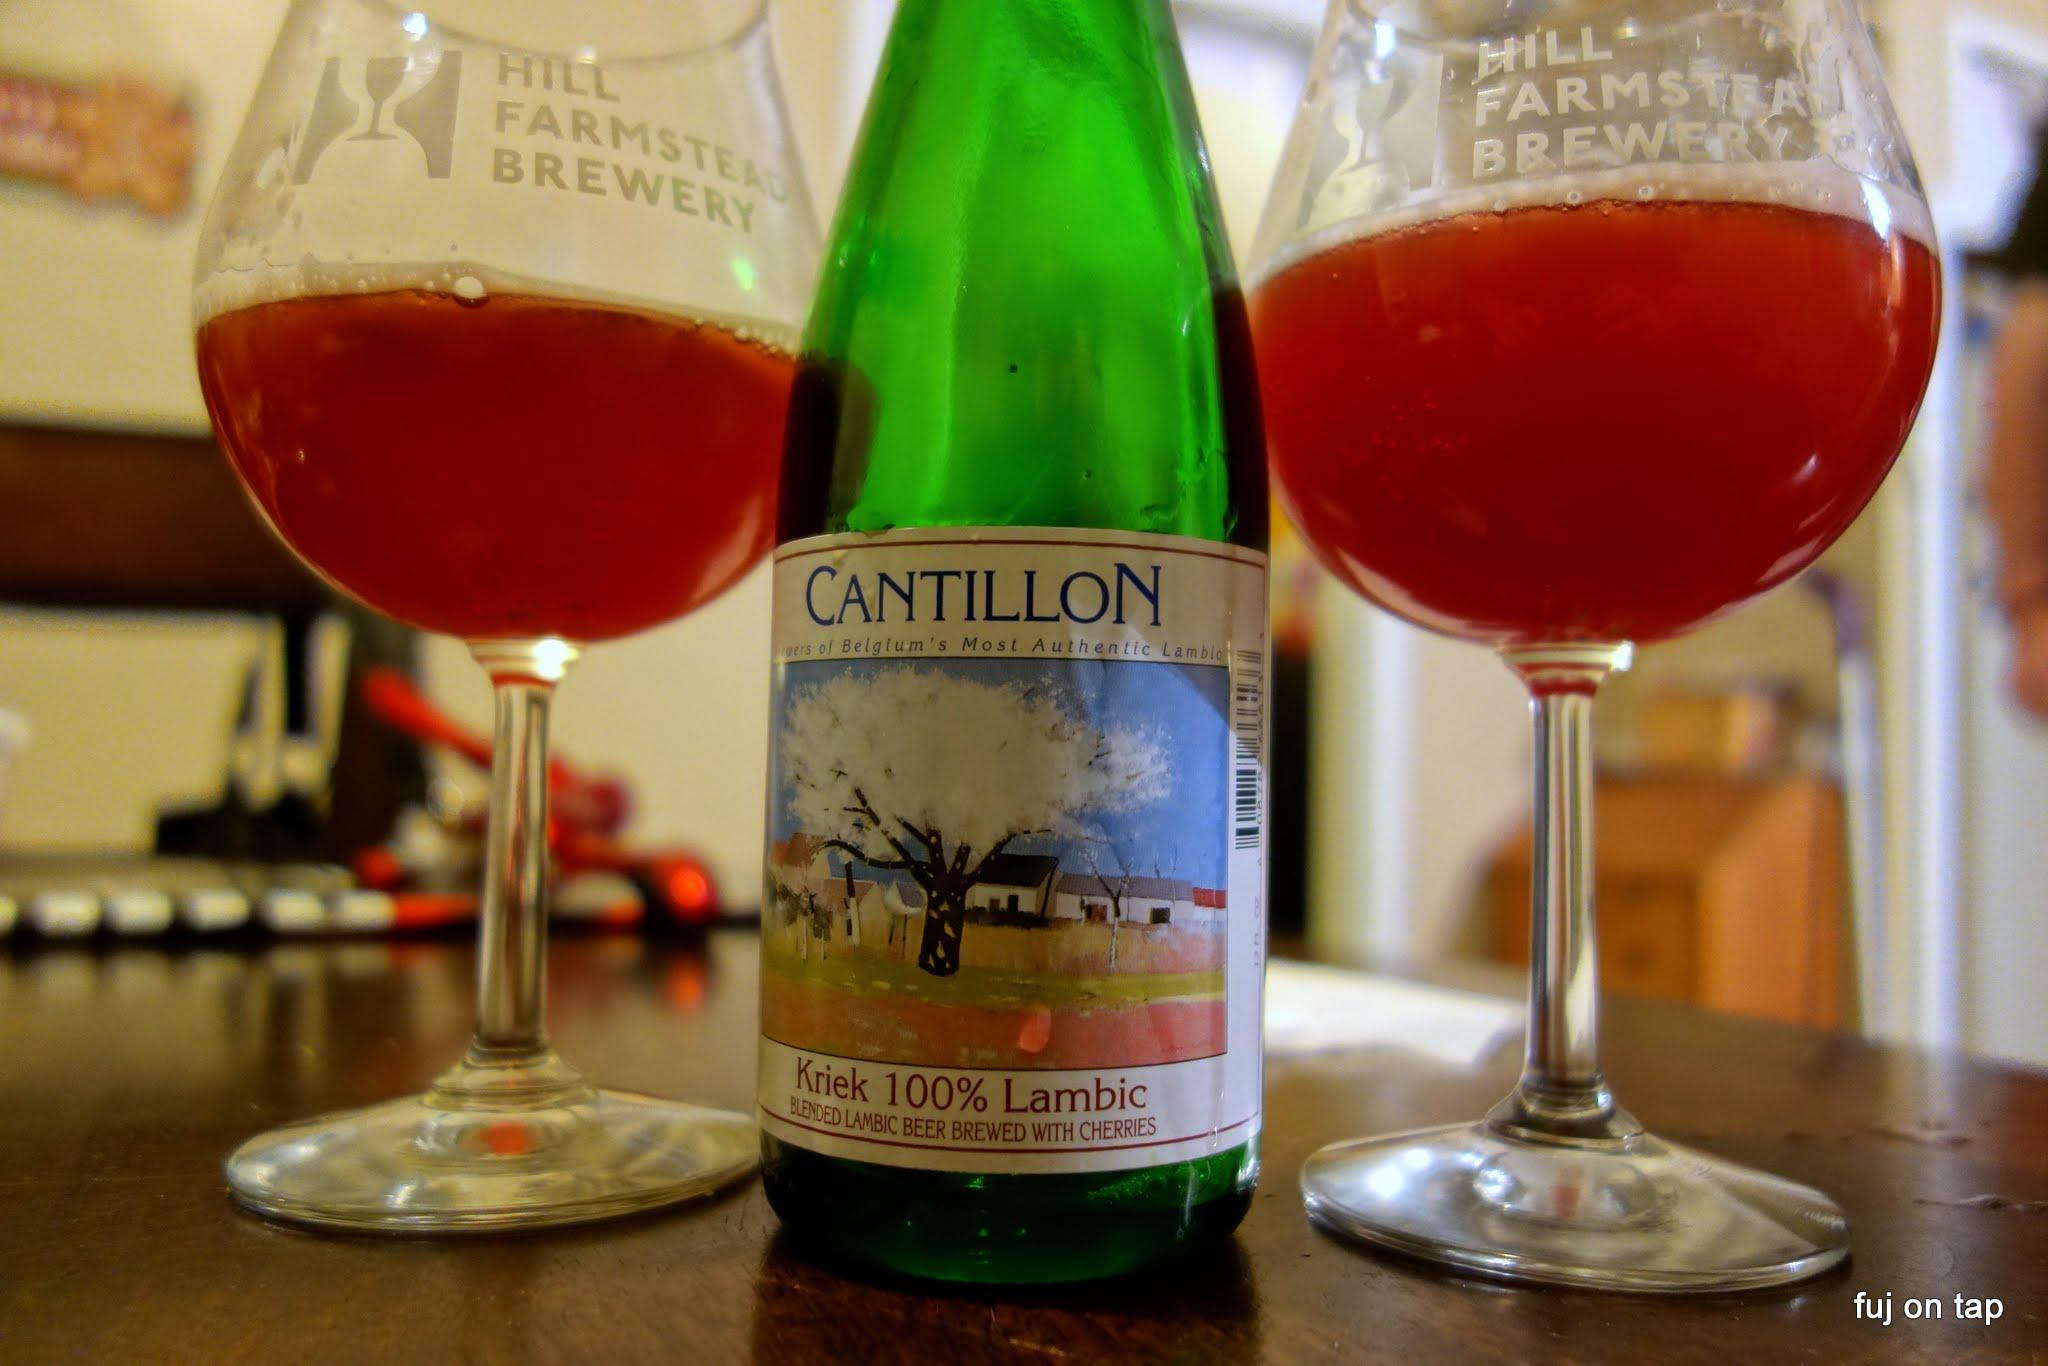 Cantillon Kirek 100% Lambic